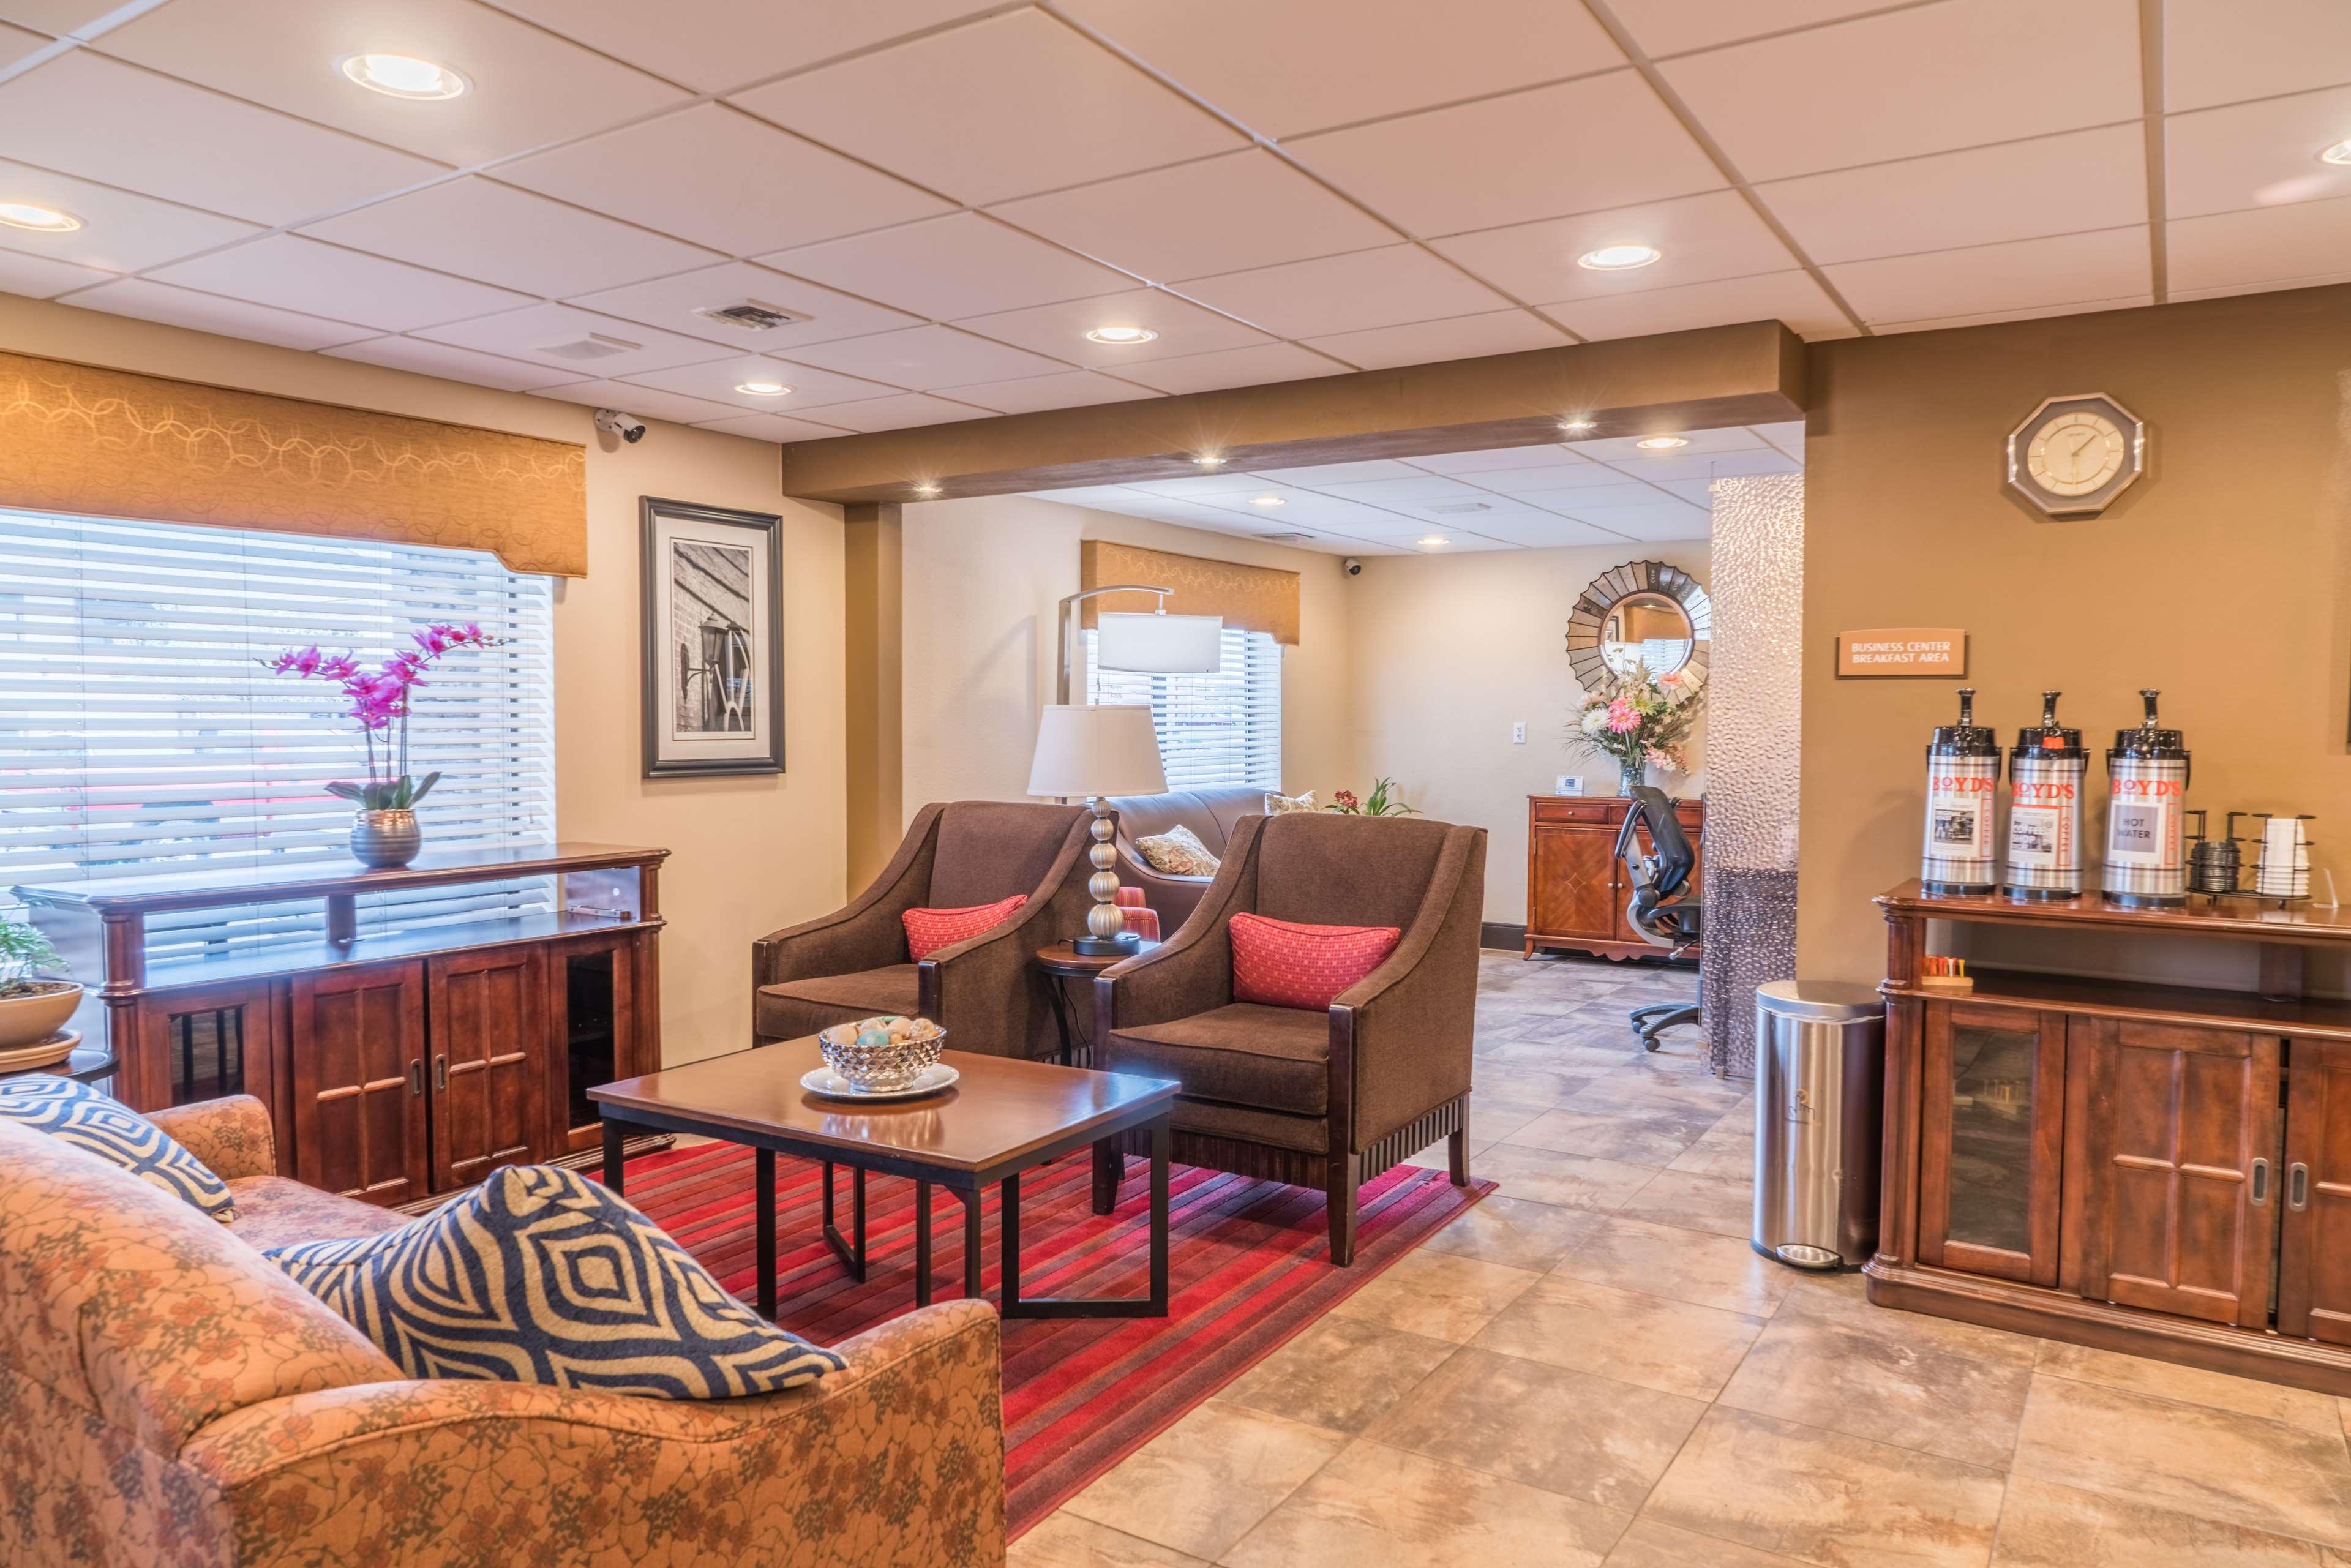 Best Western Inn & Suites image 2